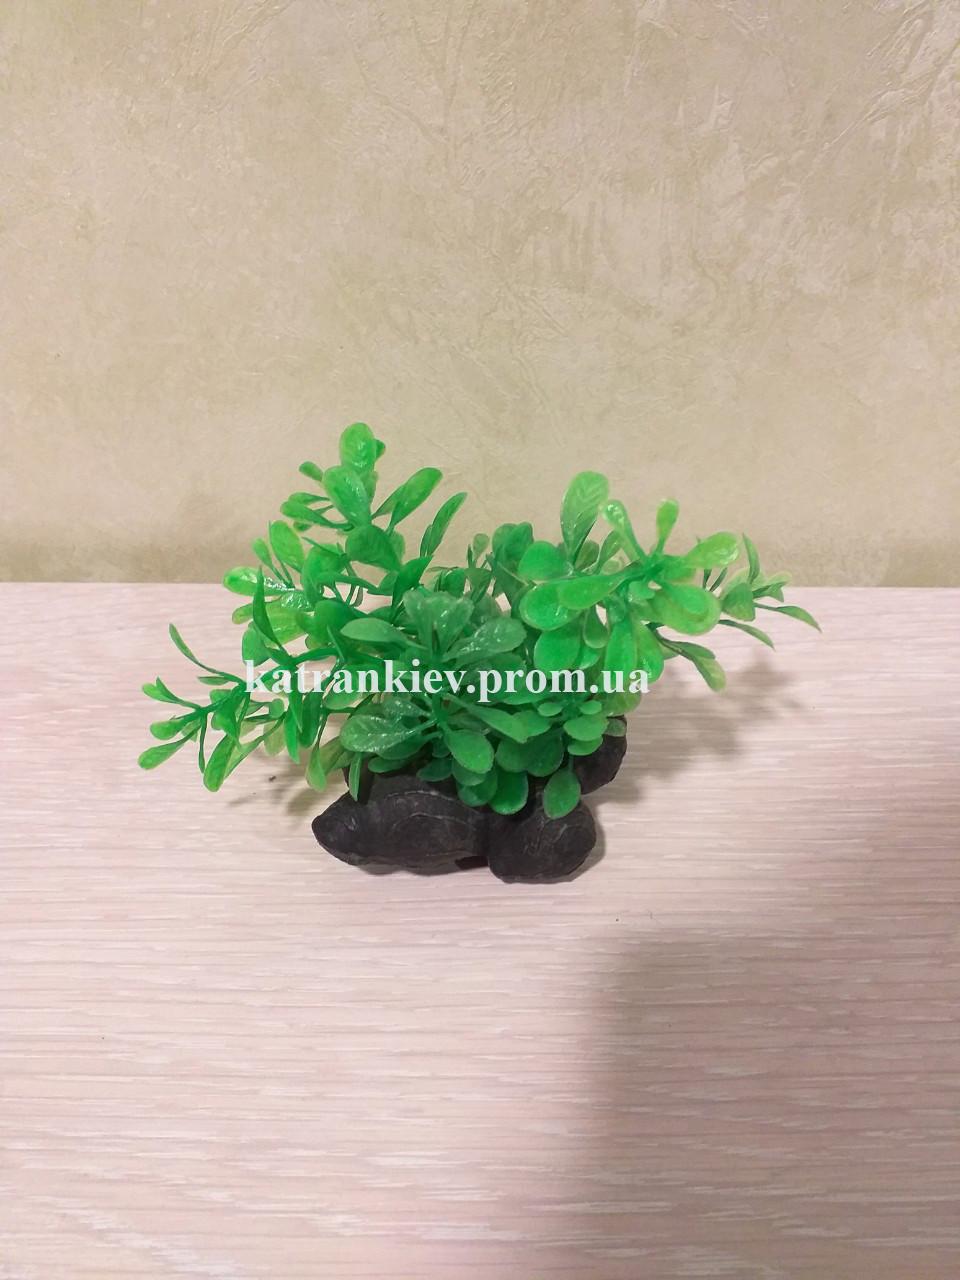 Штучне рослина в акваріум 7 см